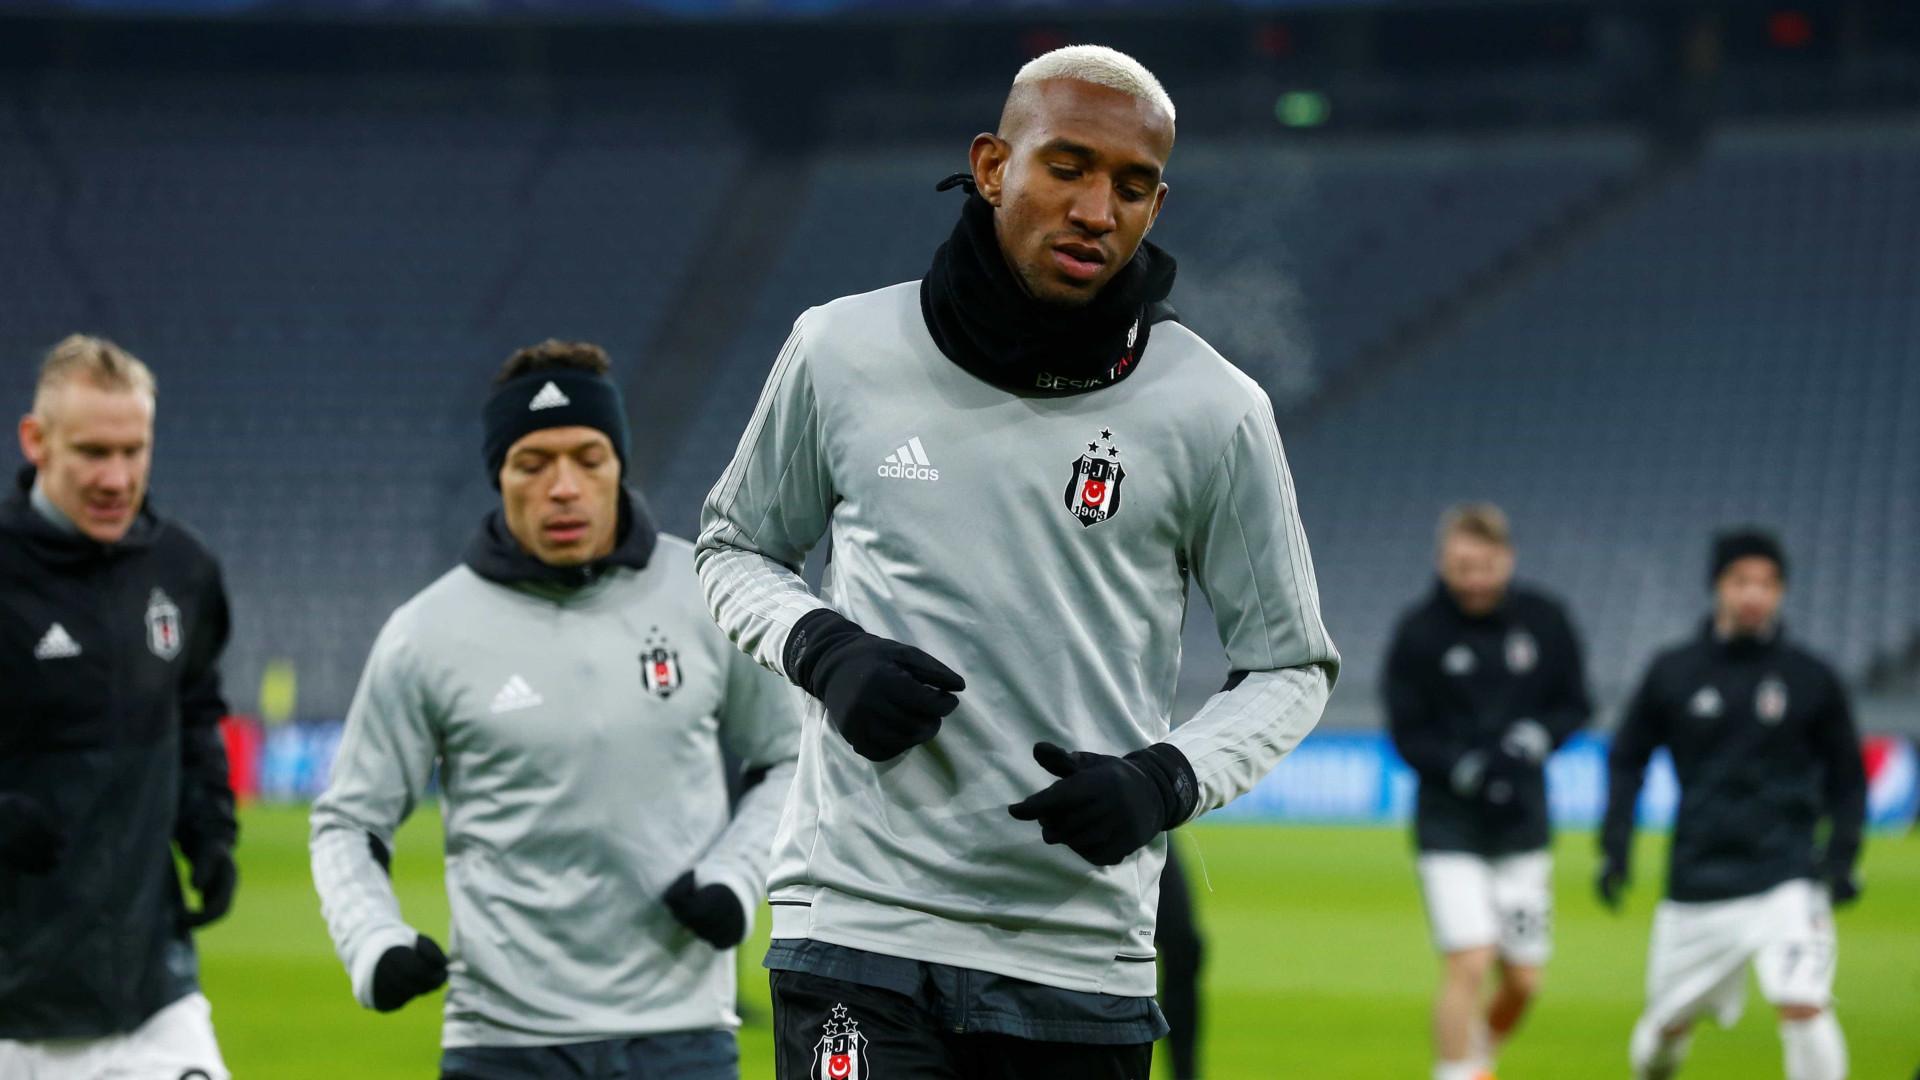 Talisca diz que foi forçado a renovar com Benfica: 'não queria'